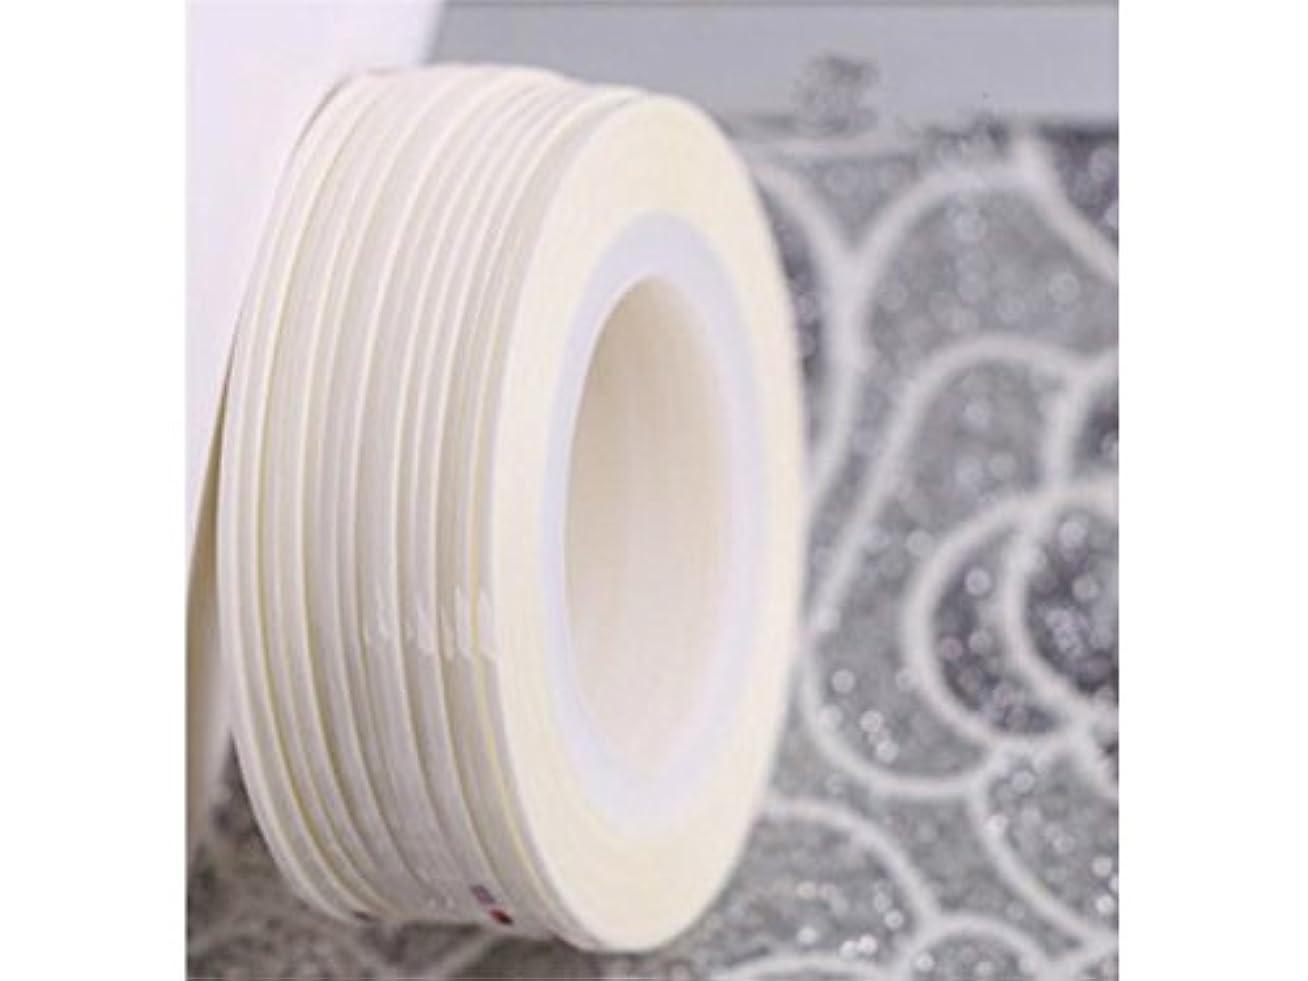 エンドテーブル記述する信じるOsize ネイルアートキラキラゴールドシルバーストリップラインリボンストライプ装飾ツールネイルステッカーストライピングテープラインネイルアート装飾(白)